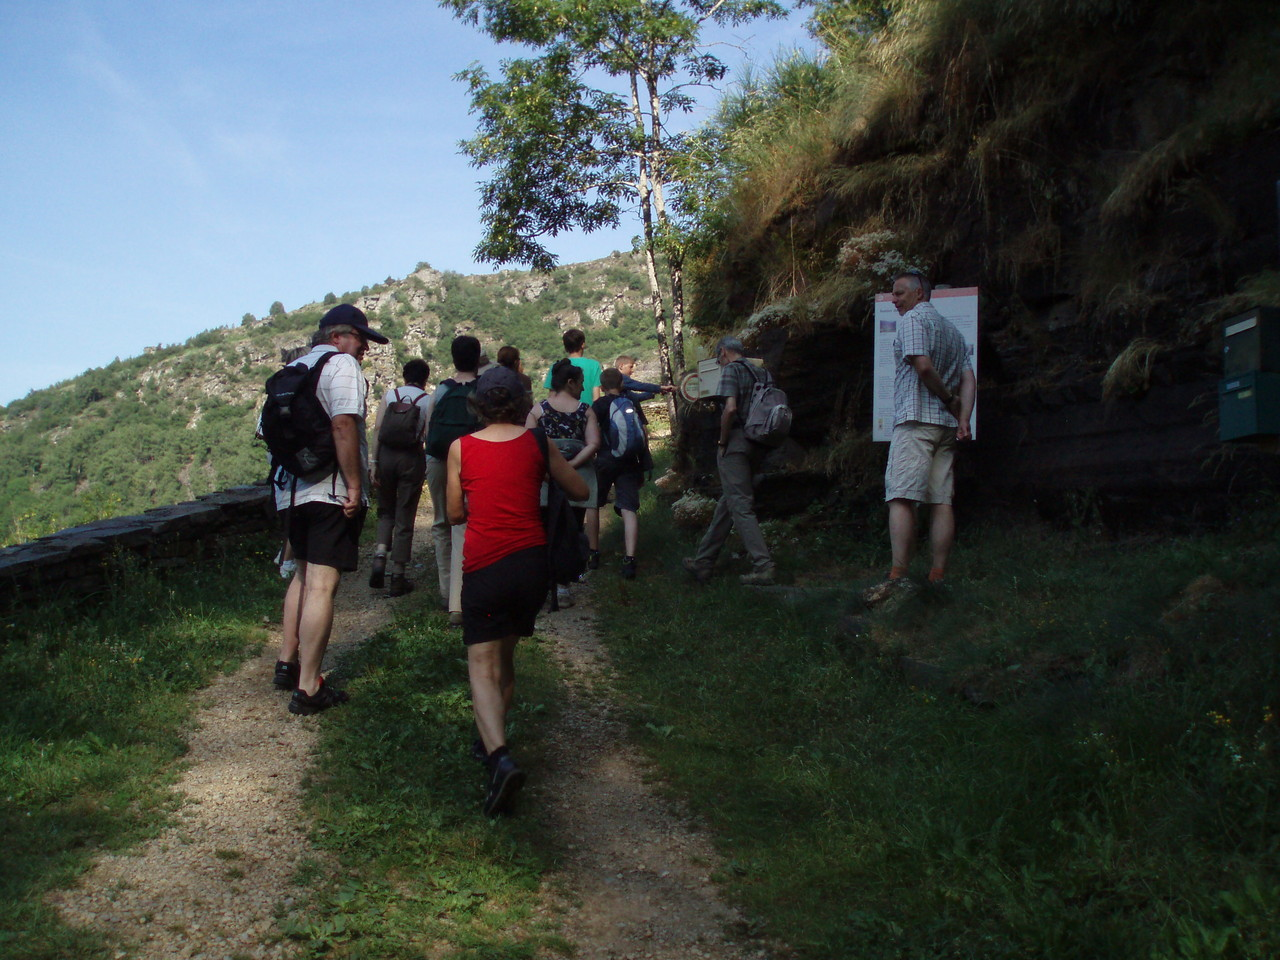 C'est parti pour la randonnée accompagnée au château du Tournel!